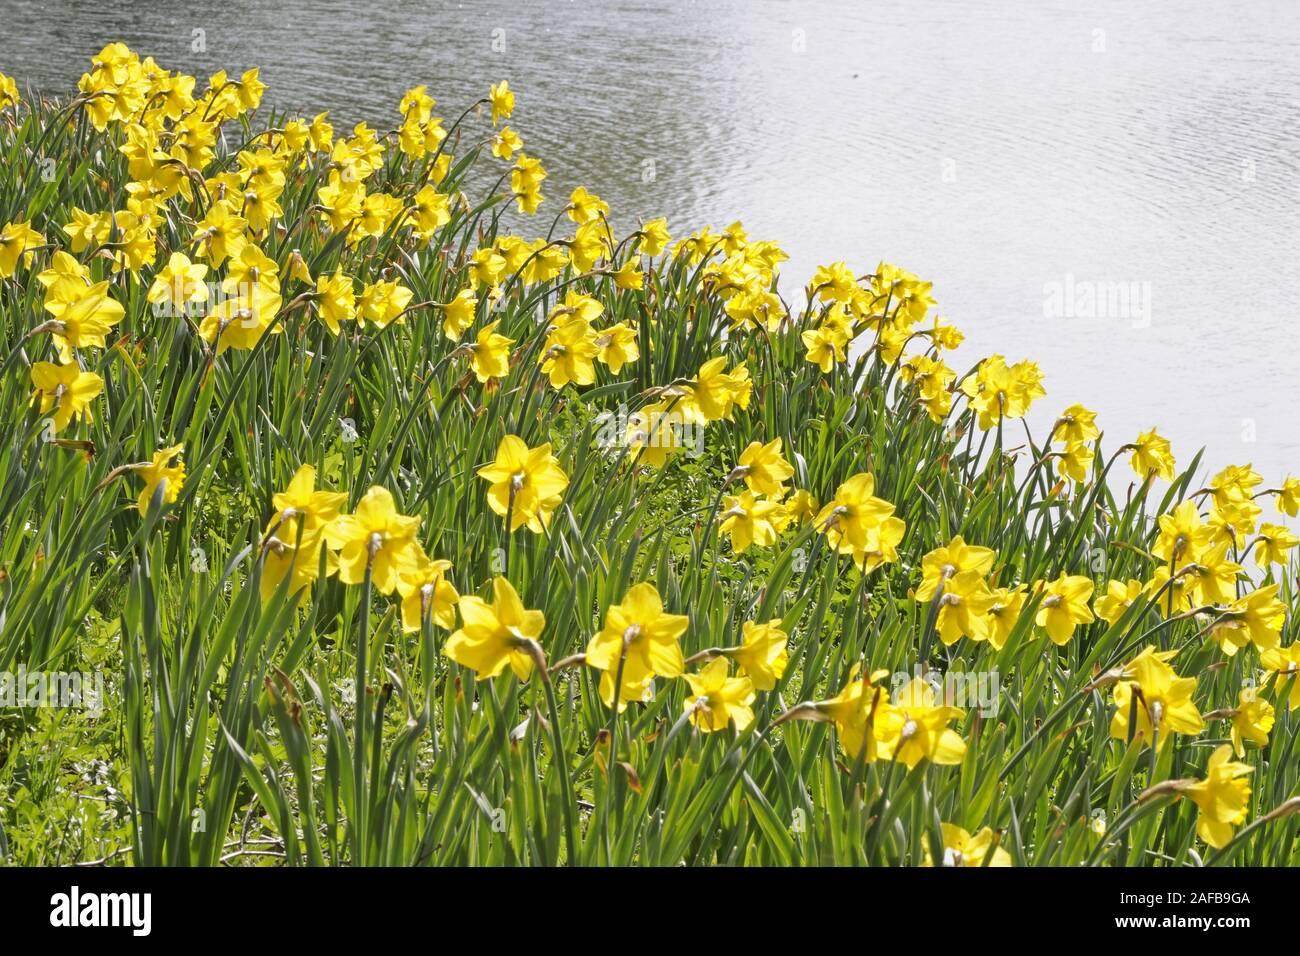 gelbe Osterglocken, Narzissen (Narcissus) im Gegenlicht Stock Photo